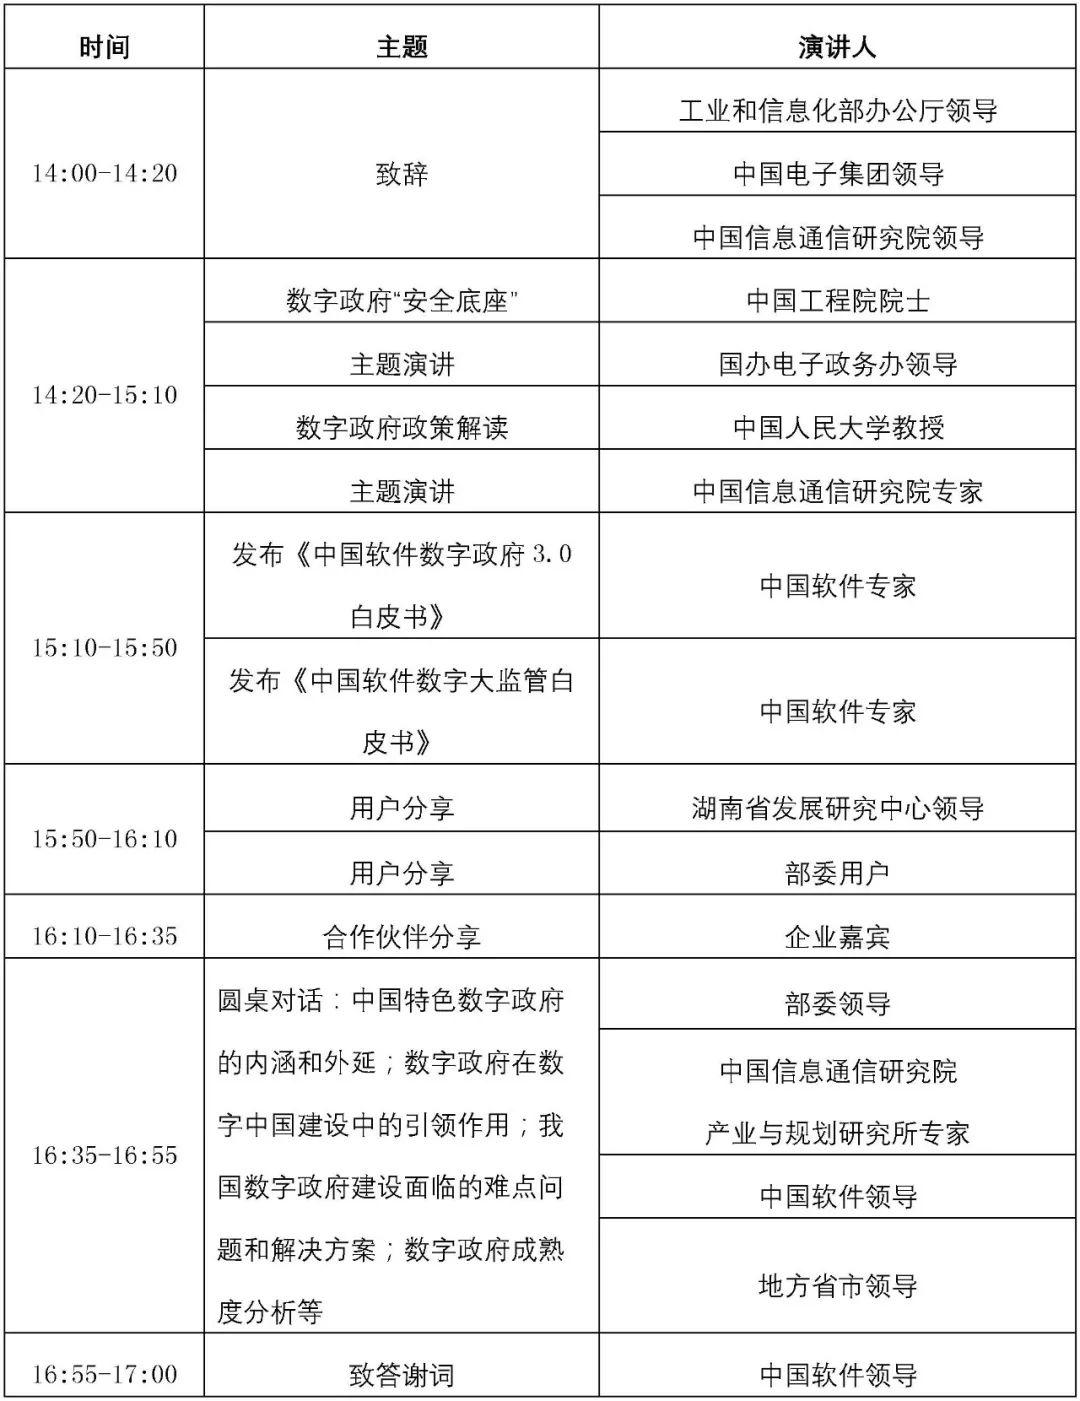 2021中国互联网大会数字政府论坛即将召开